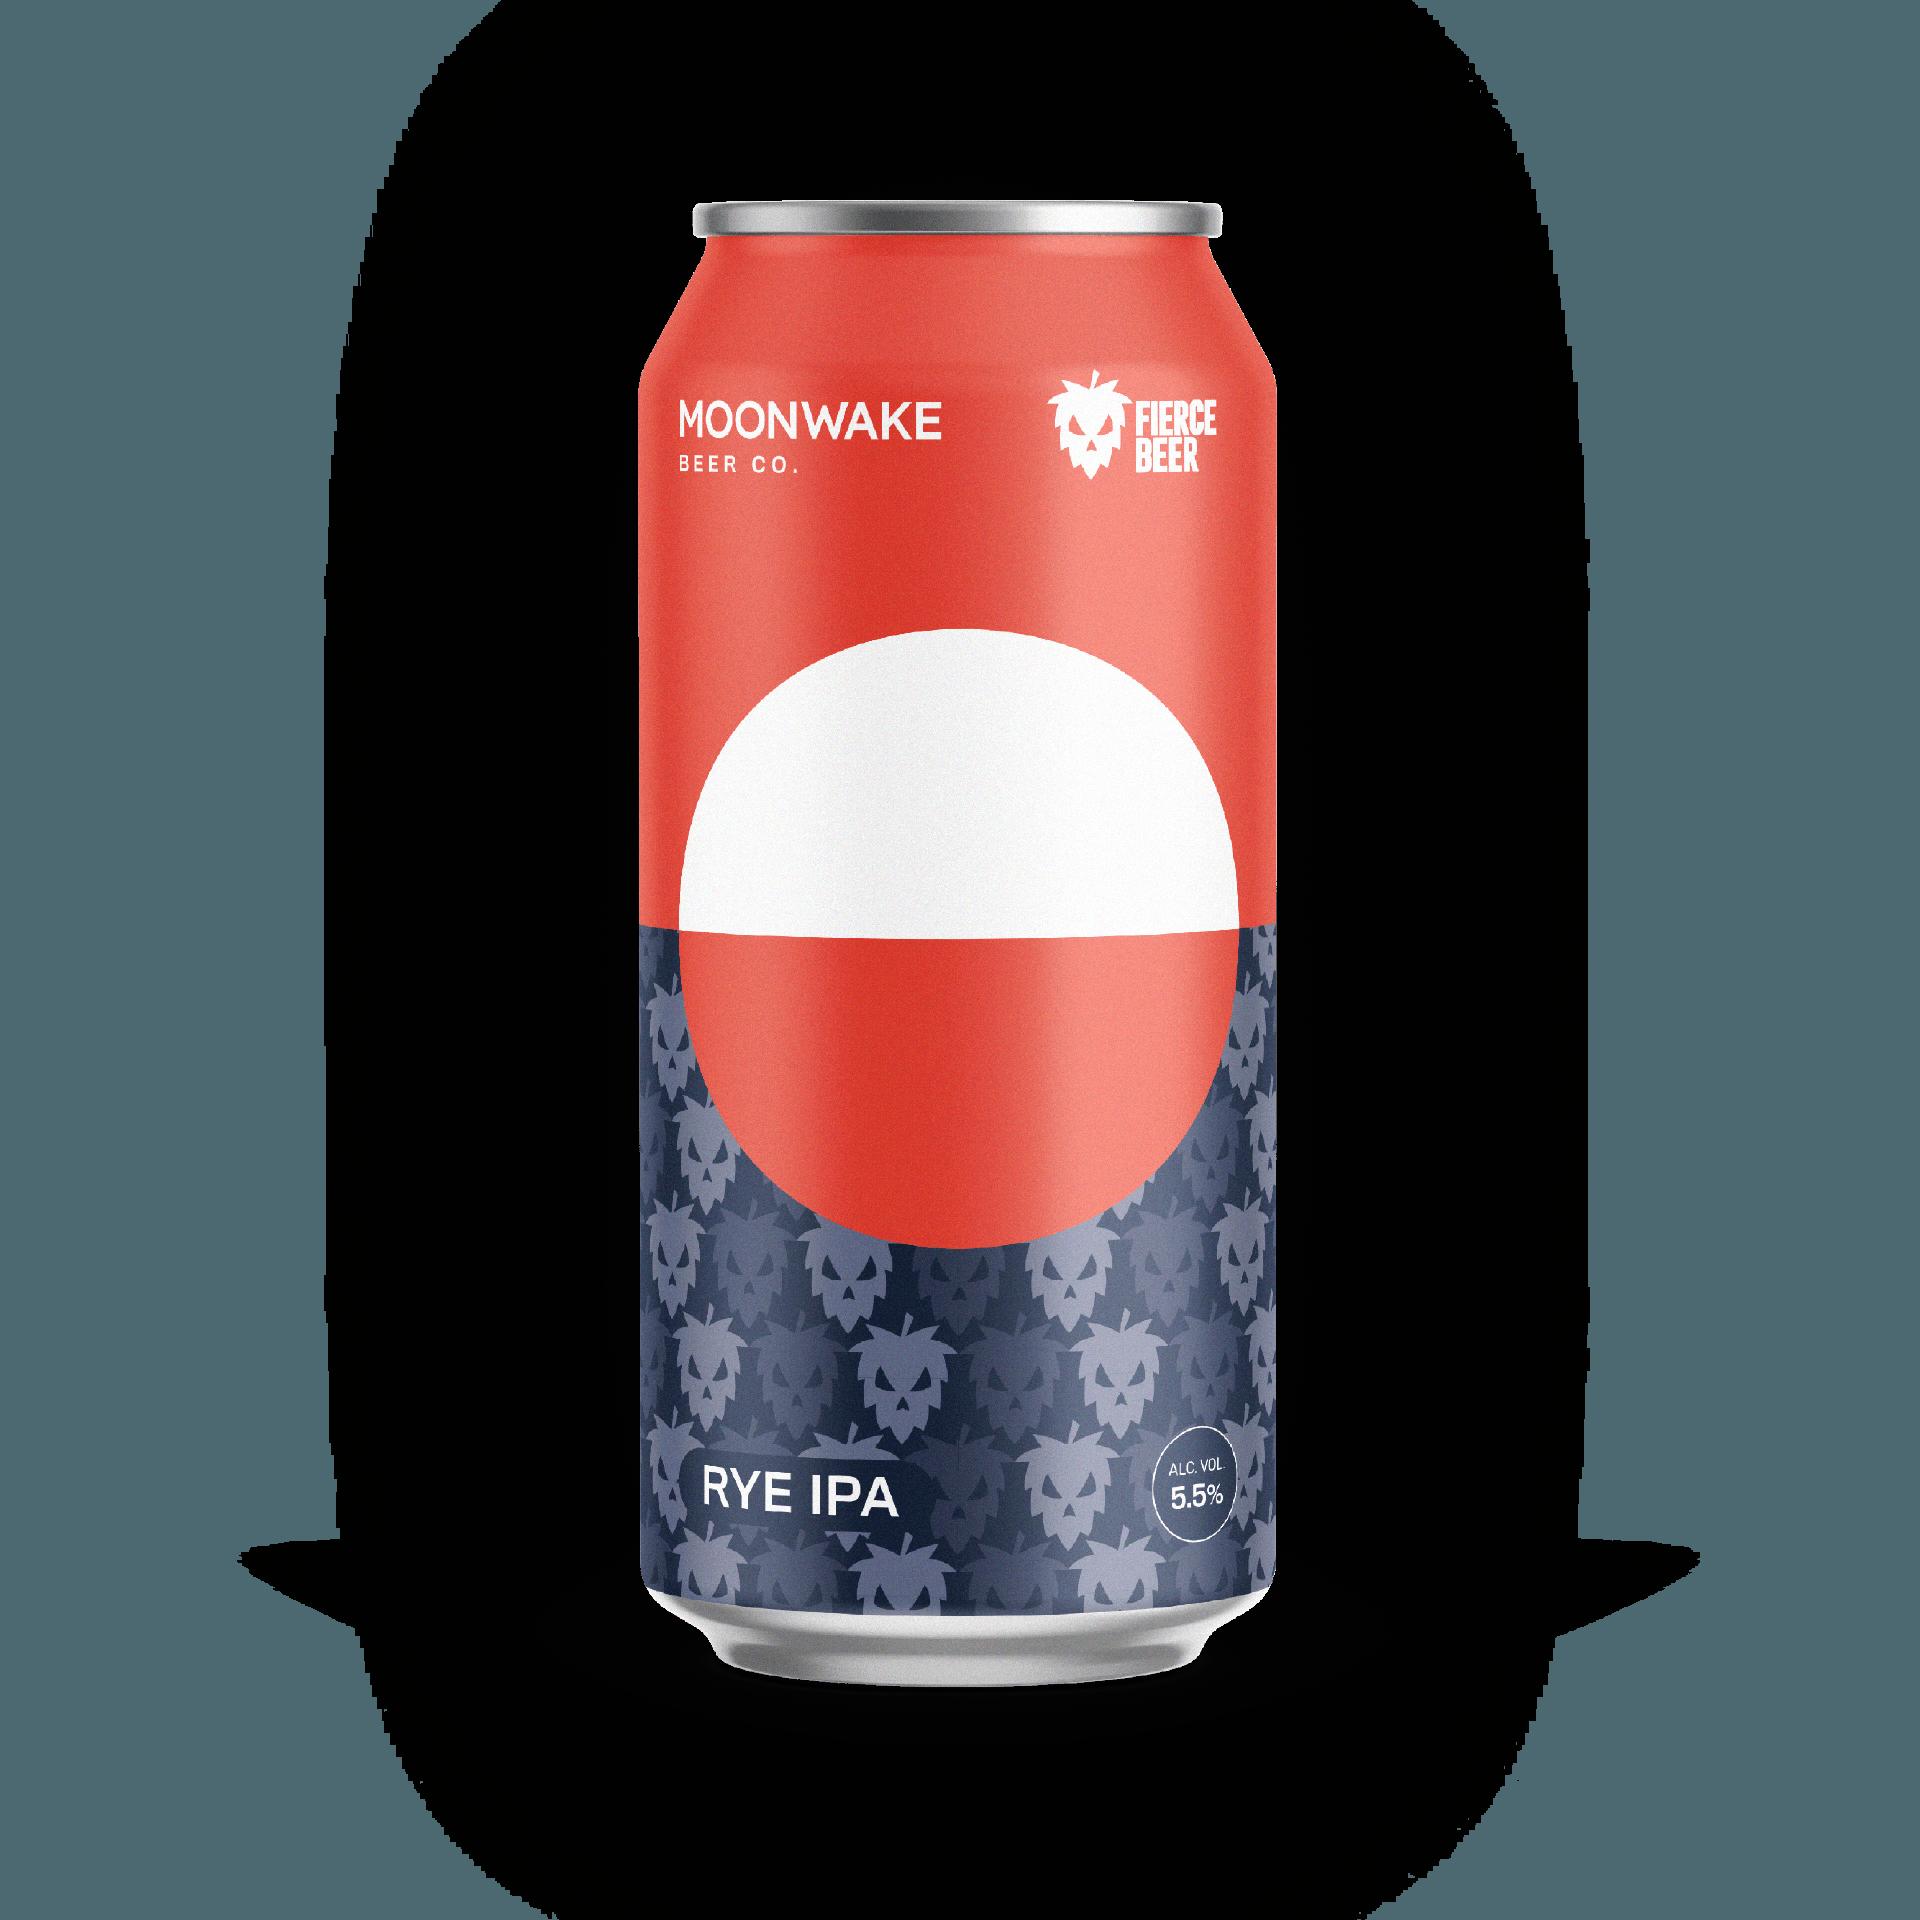 Moonwake Fierce Beer Collab Brew Red Rye IPA